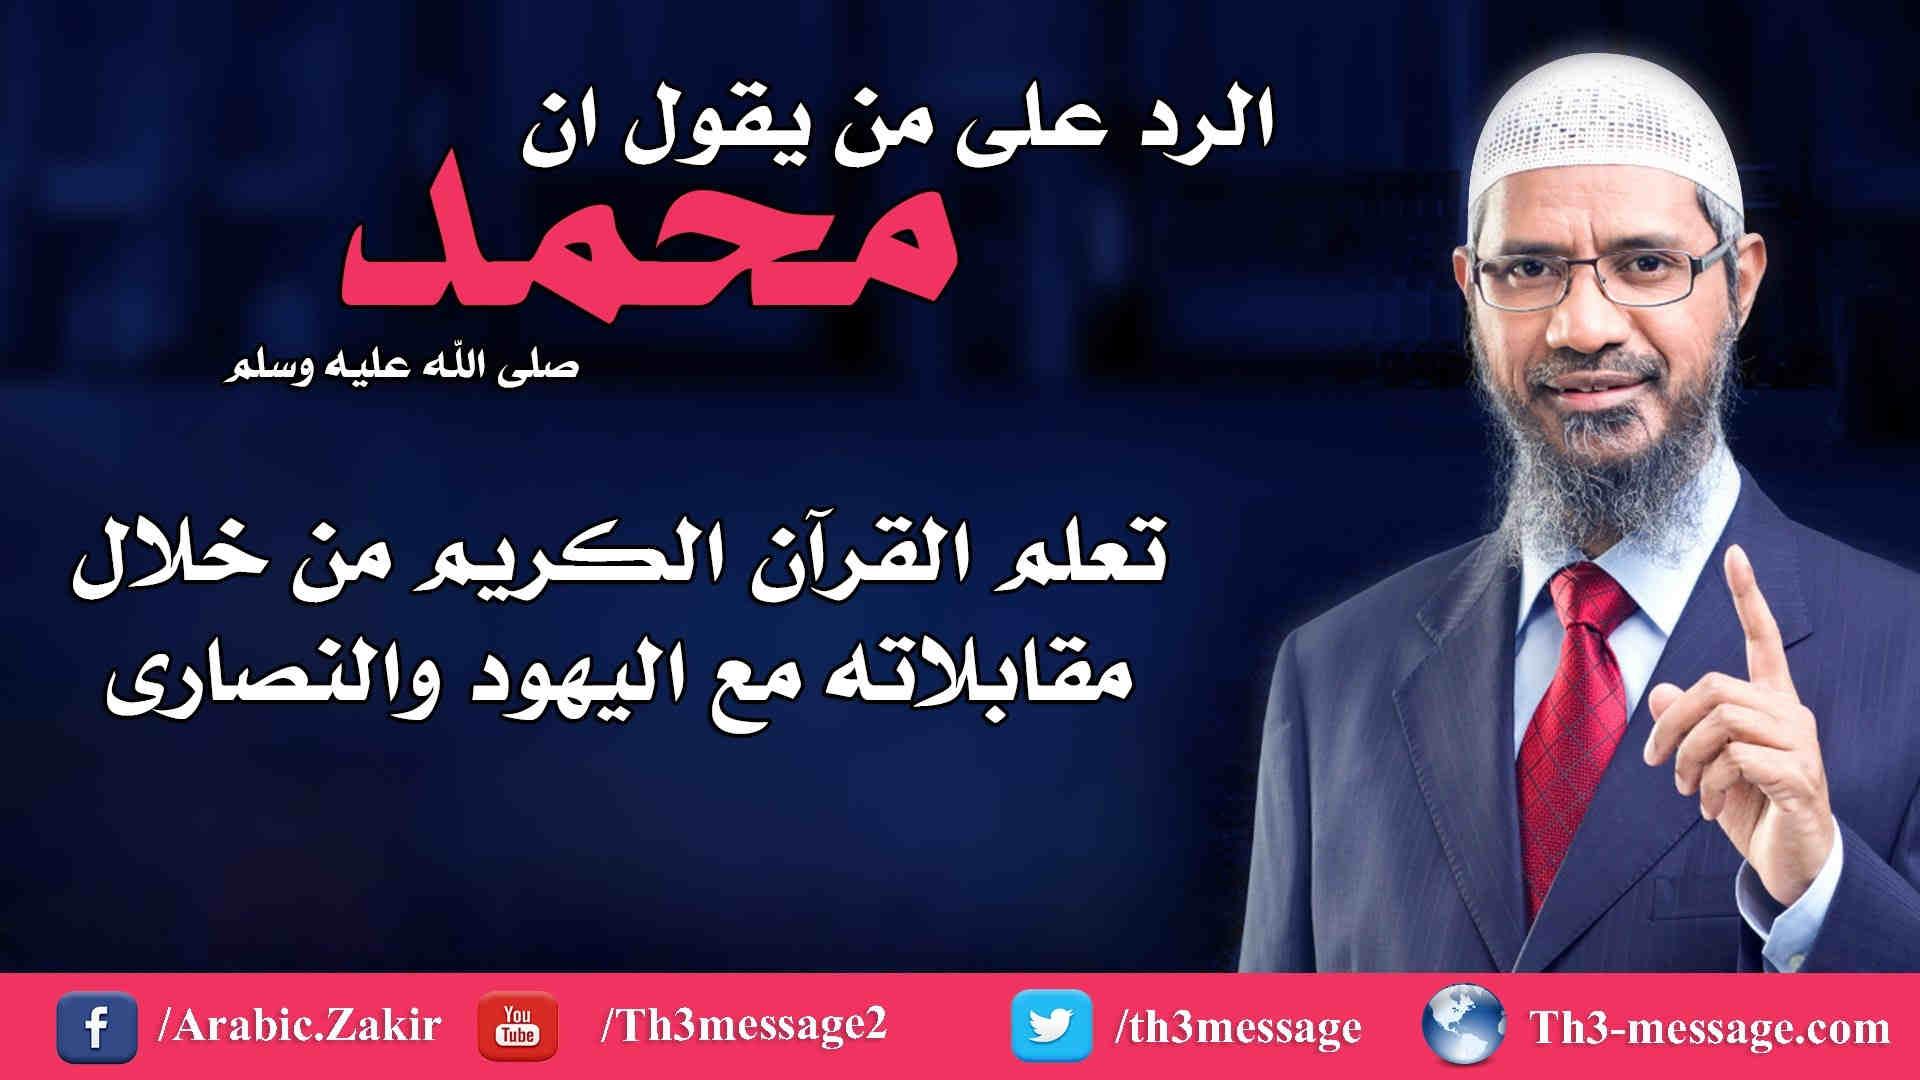 الرد على من يقول ان محمد تعلم القرآن من خلال مقابلاته مع اليهود والنصارى - ذاكر نايك Zakir Naik